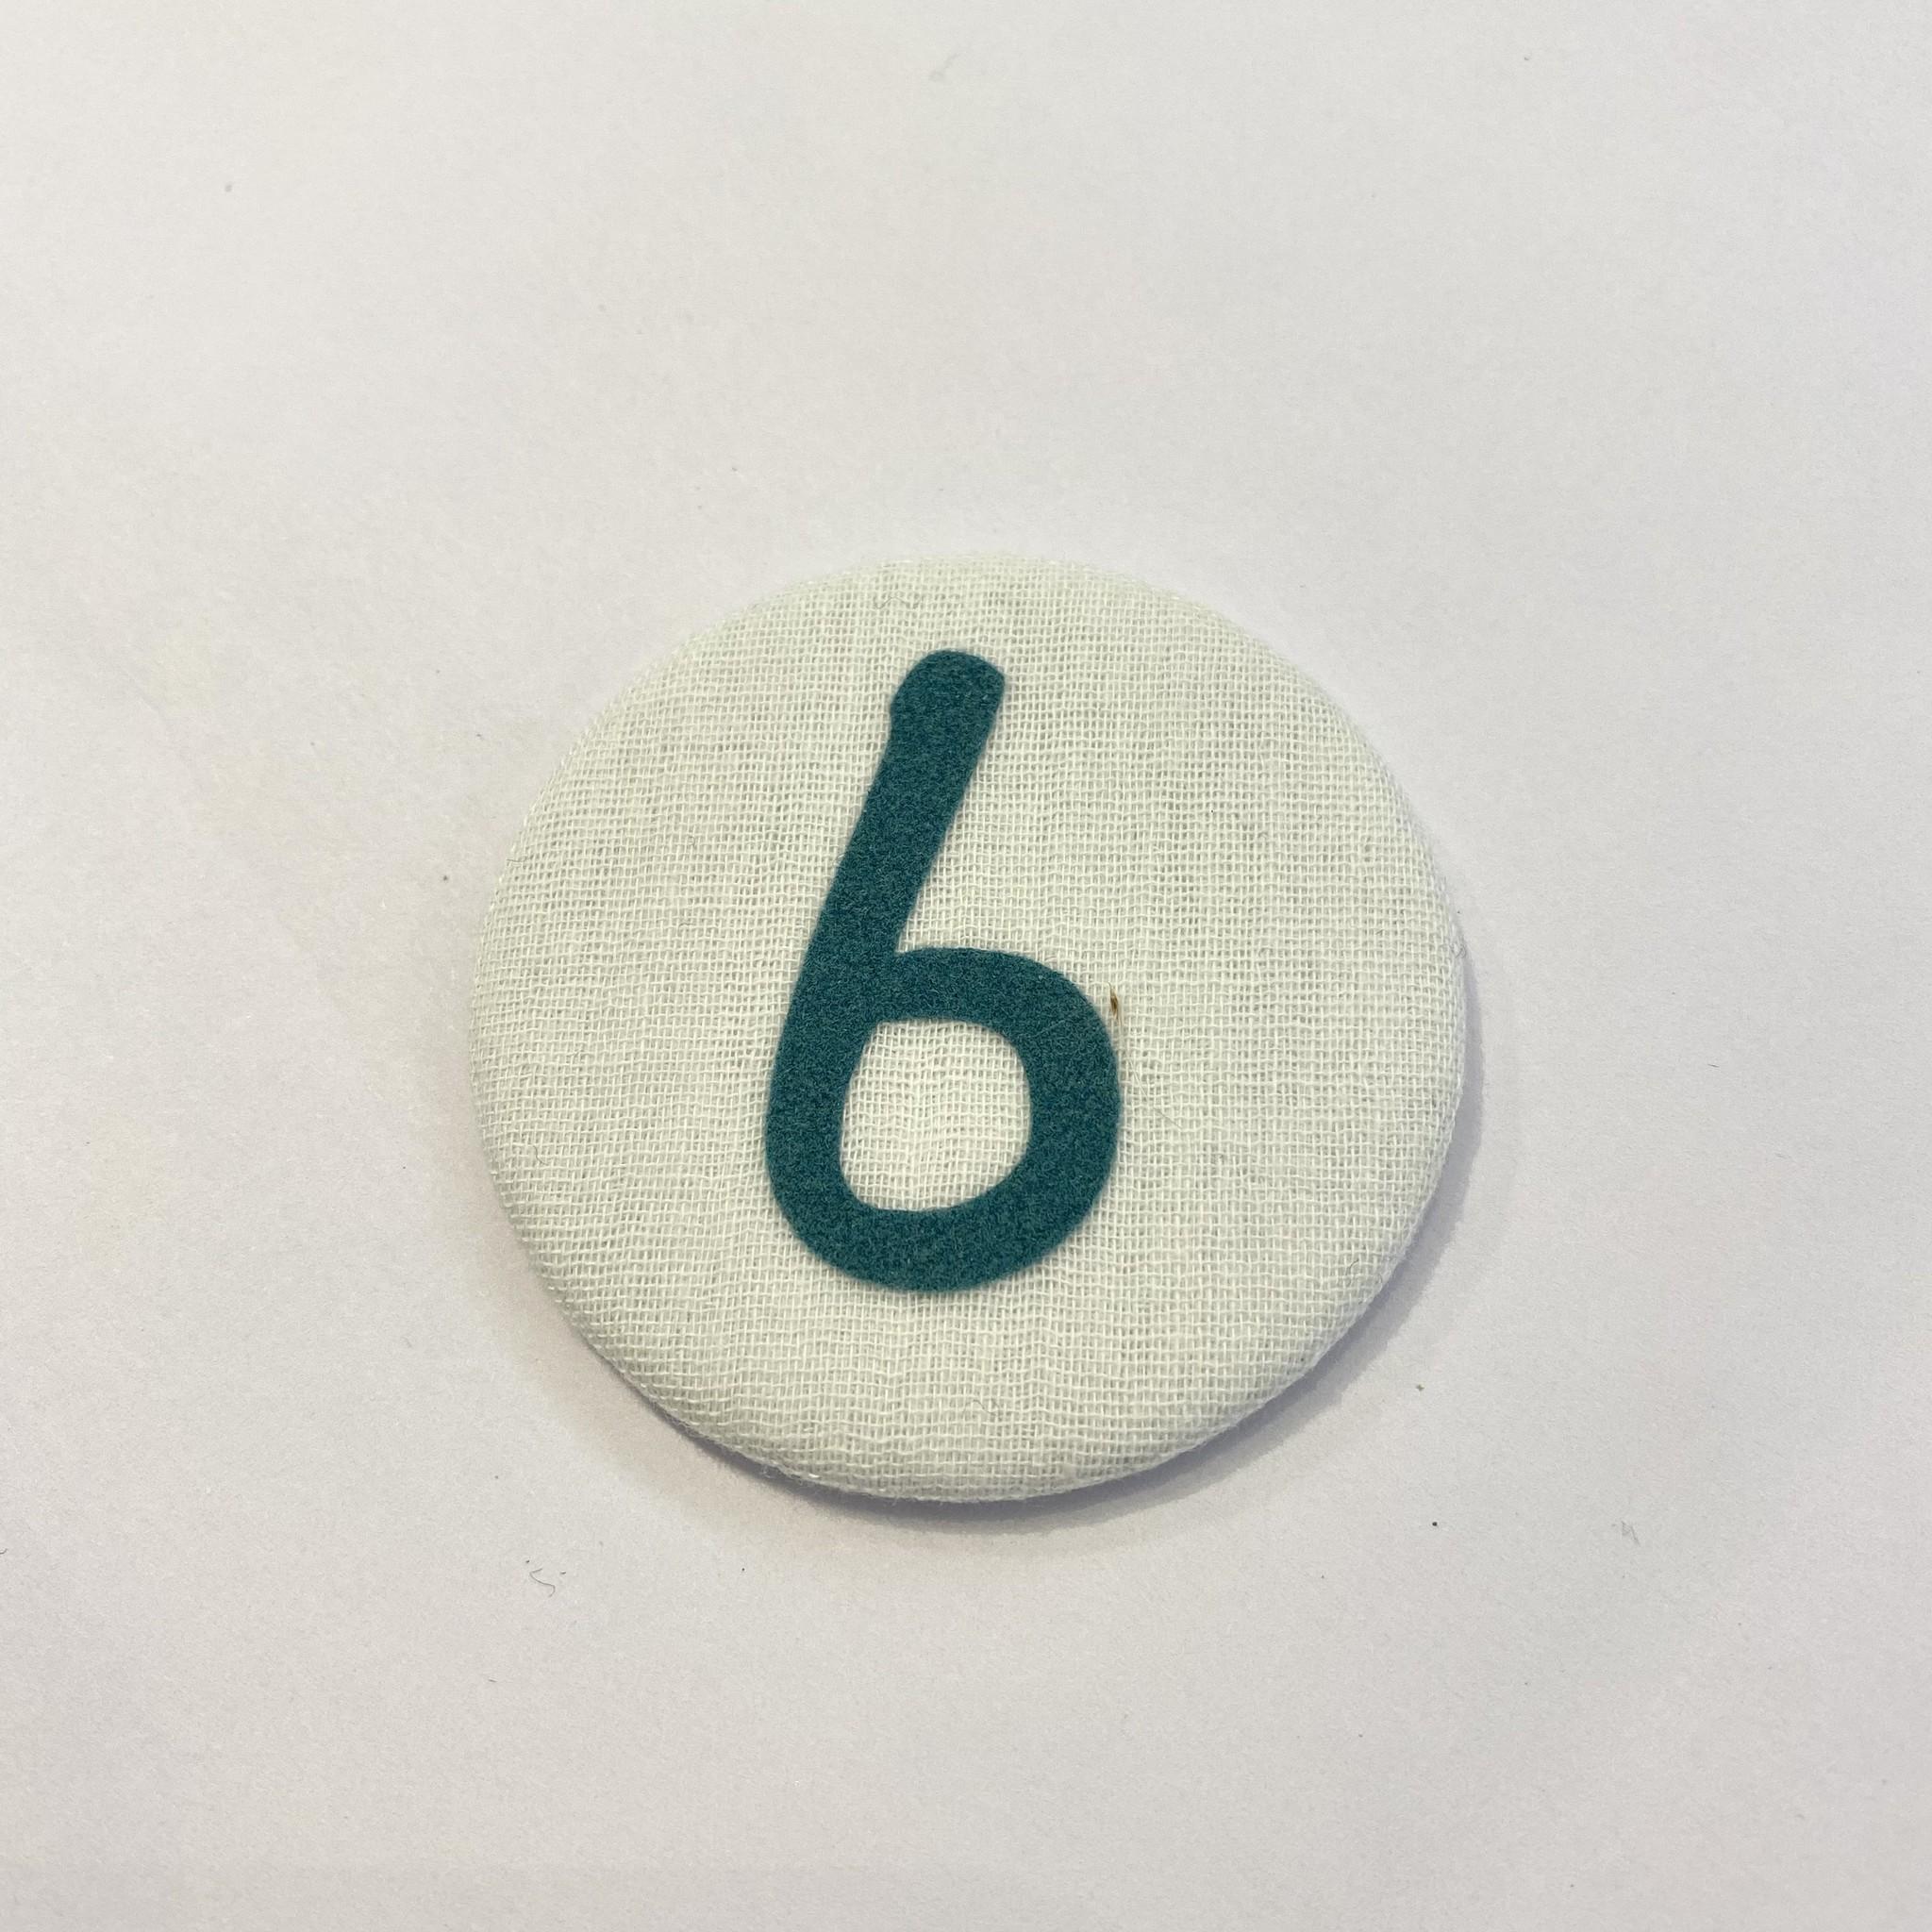 Cijferknop 6 Groen - Liezelijn-1